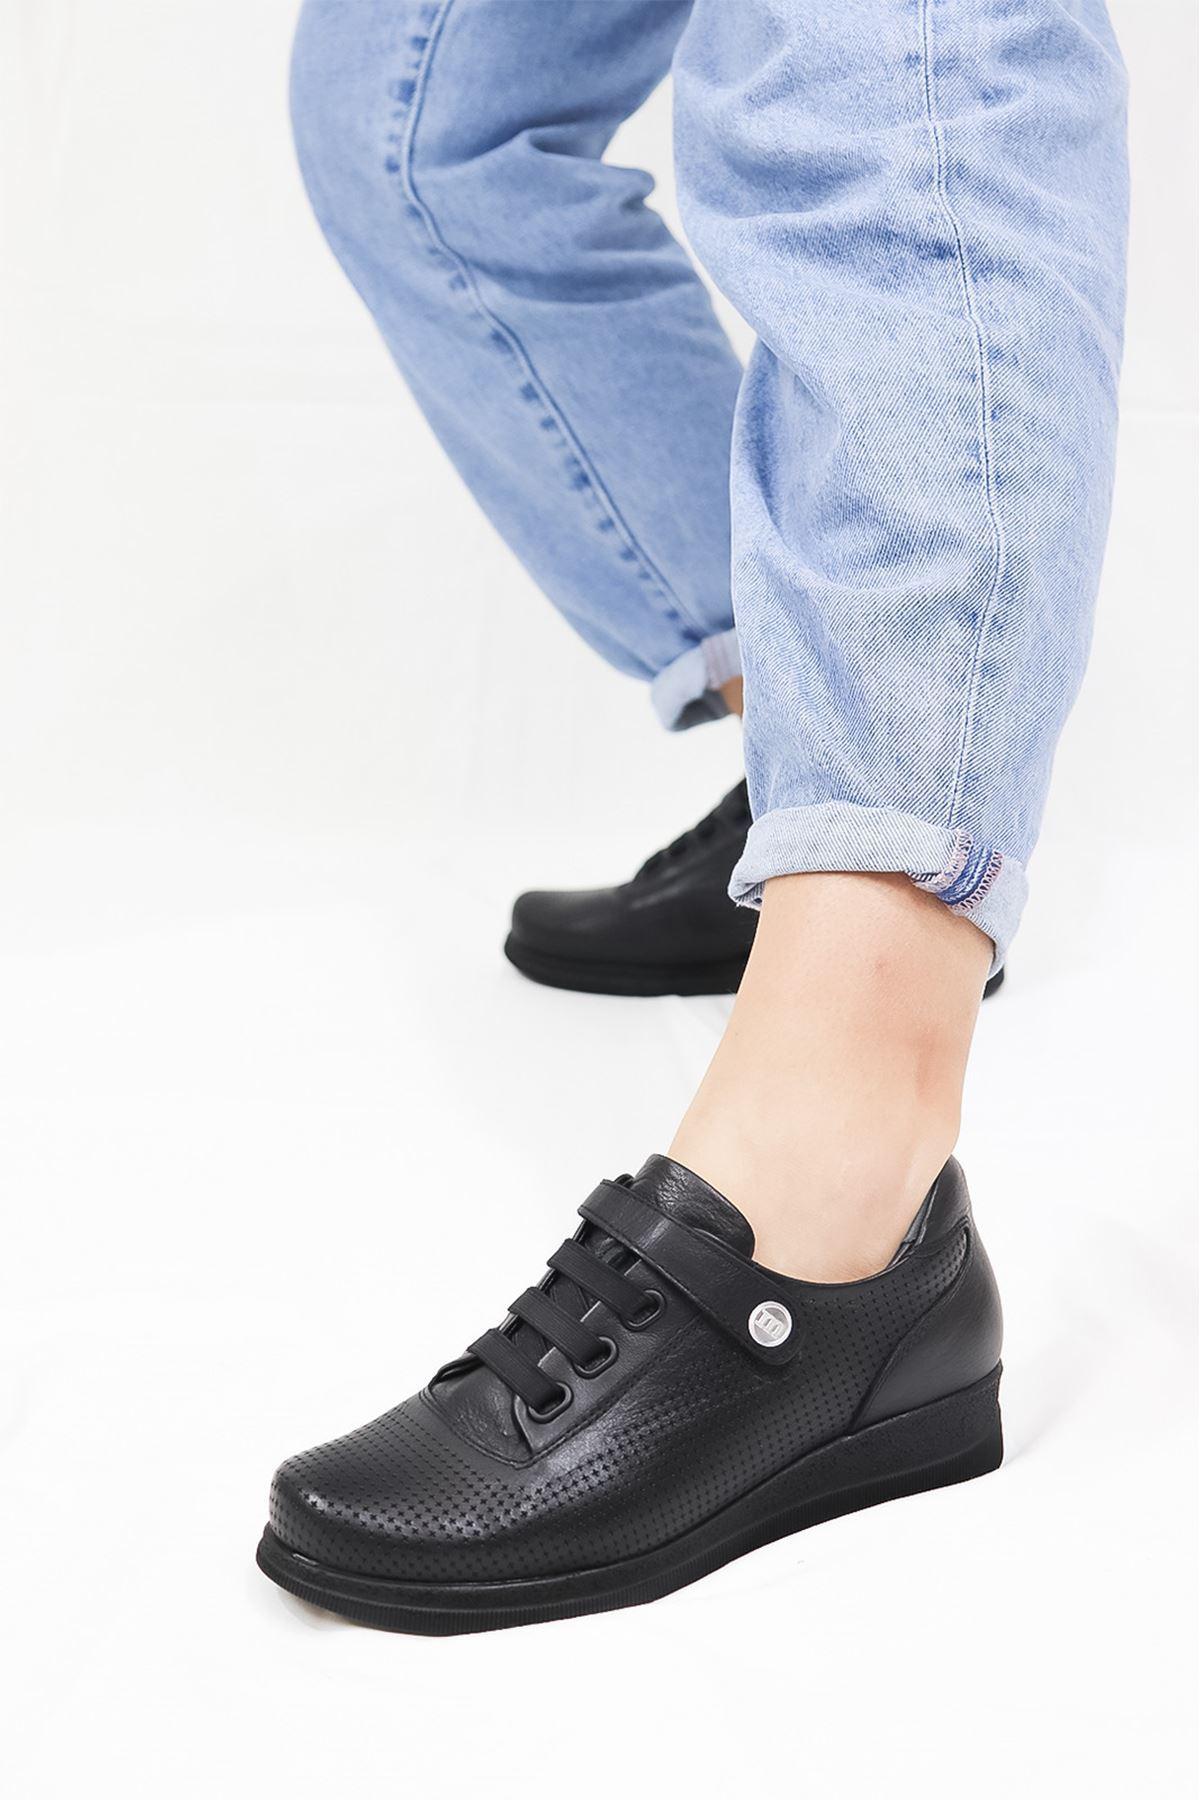 Mammamia - D21YA - 3075-B Siyah Kadın Ayakkabısı